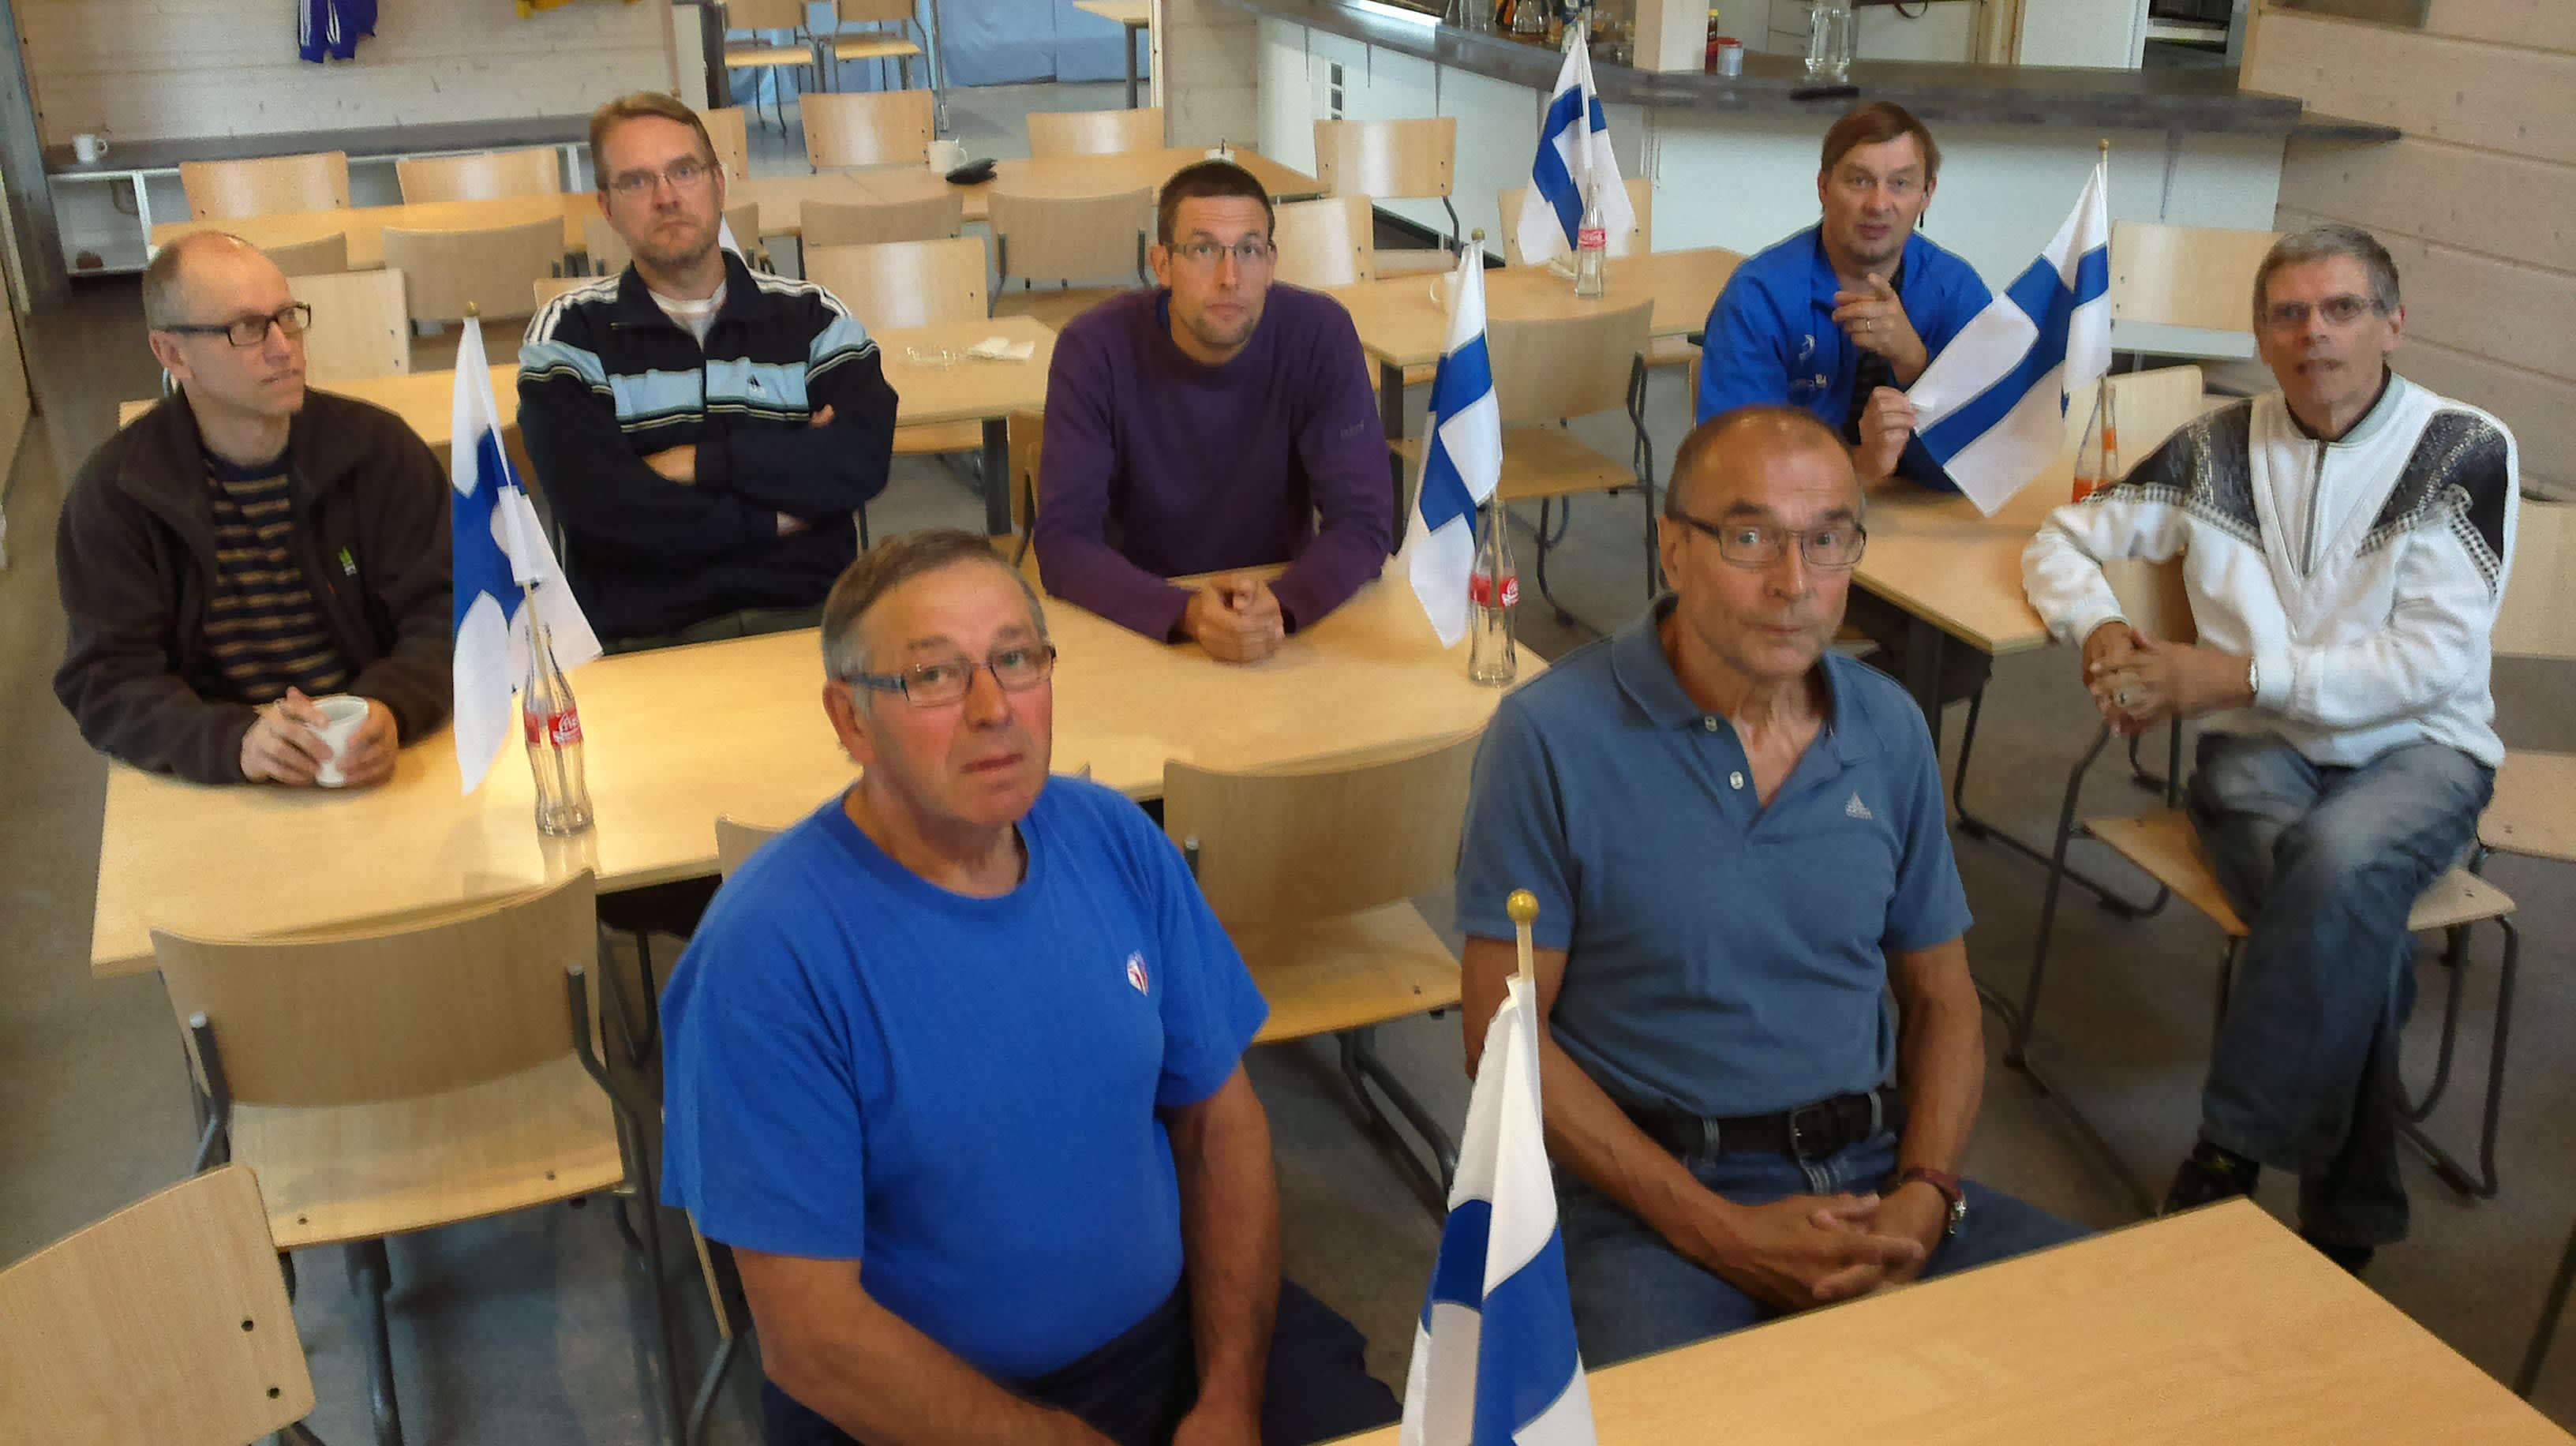 Jalasjärven Jalaksen väkeä kokoontui seuraamaan Jarkko Kinnusen suoritusta.